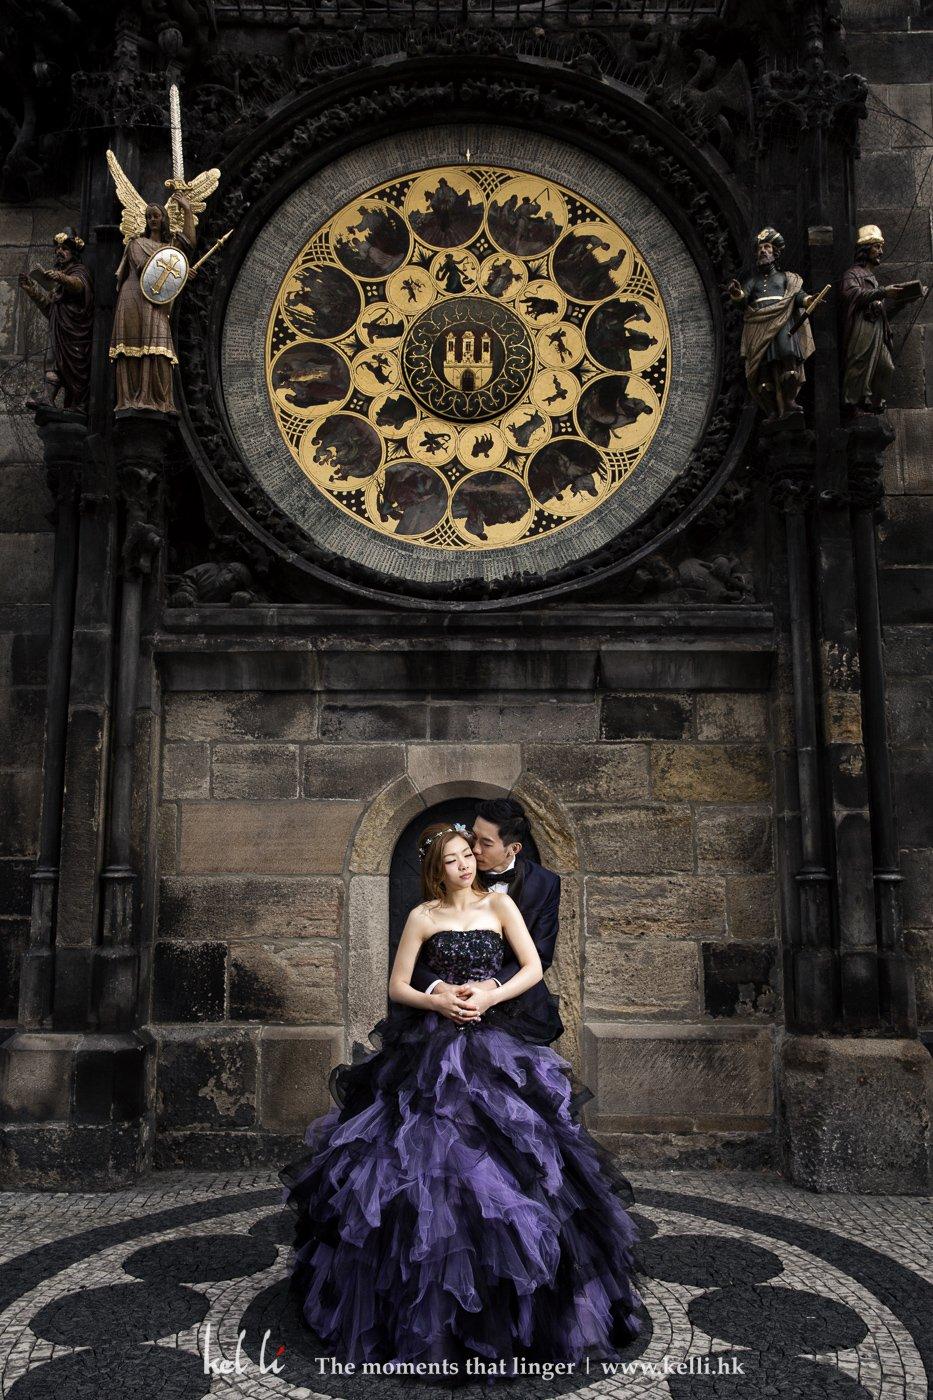 布拉格天文钟下的恋人